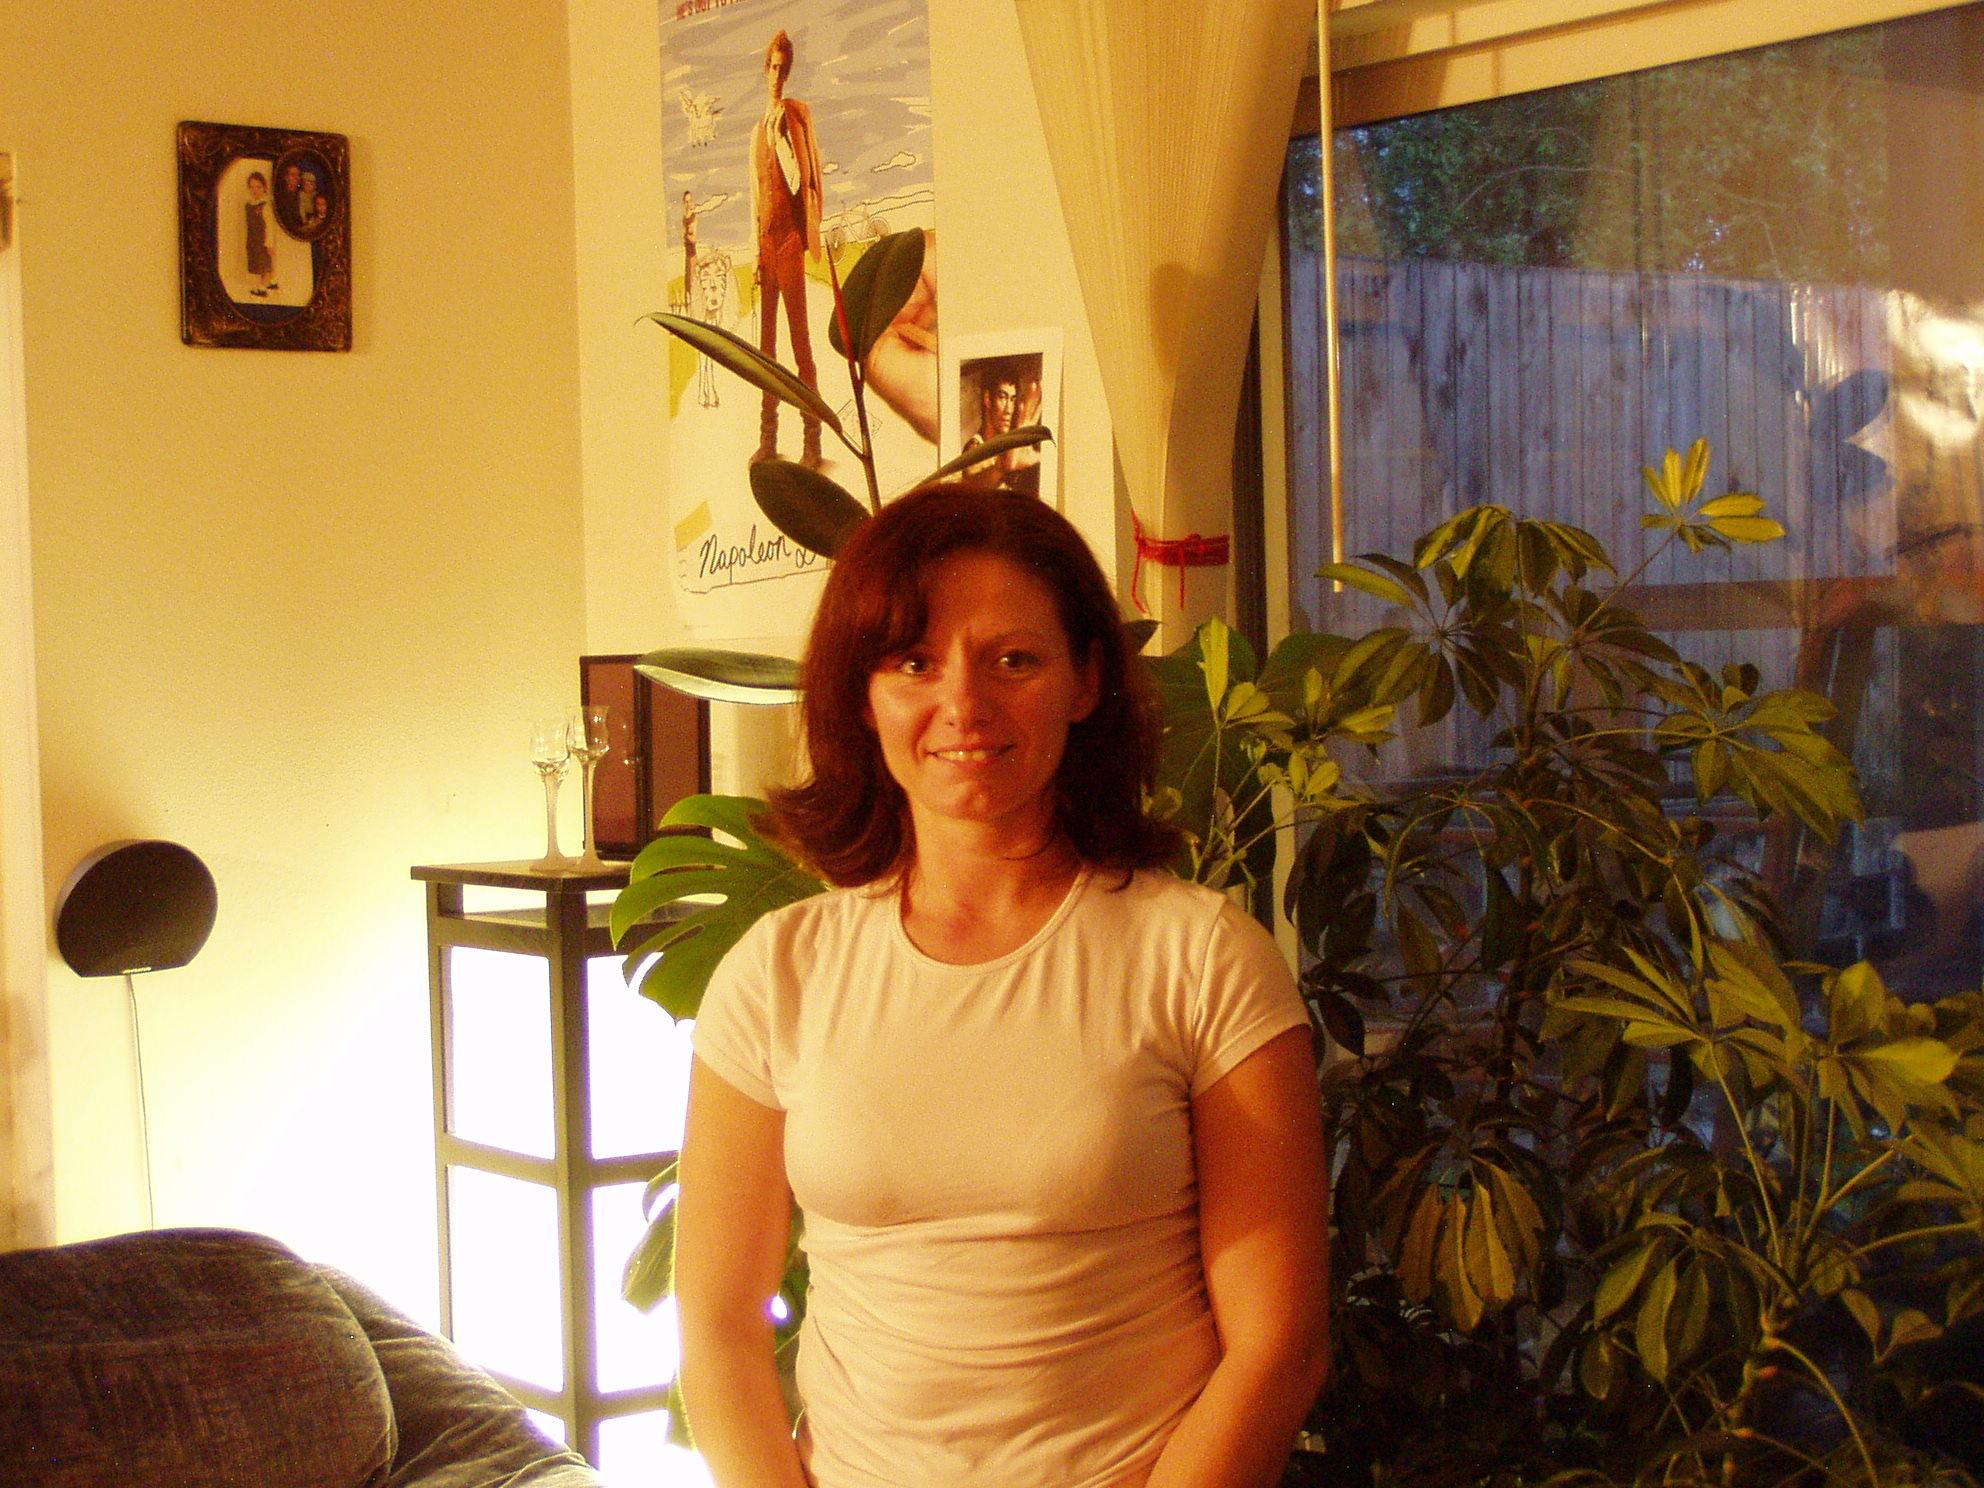 Сиськи зрелой женщины в голубых трусиках